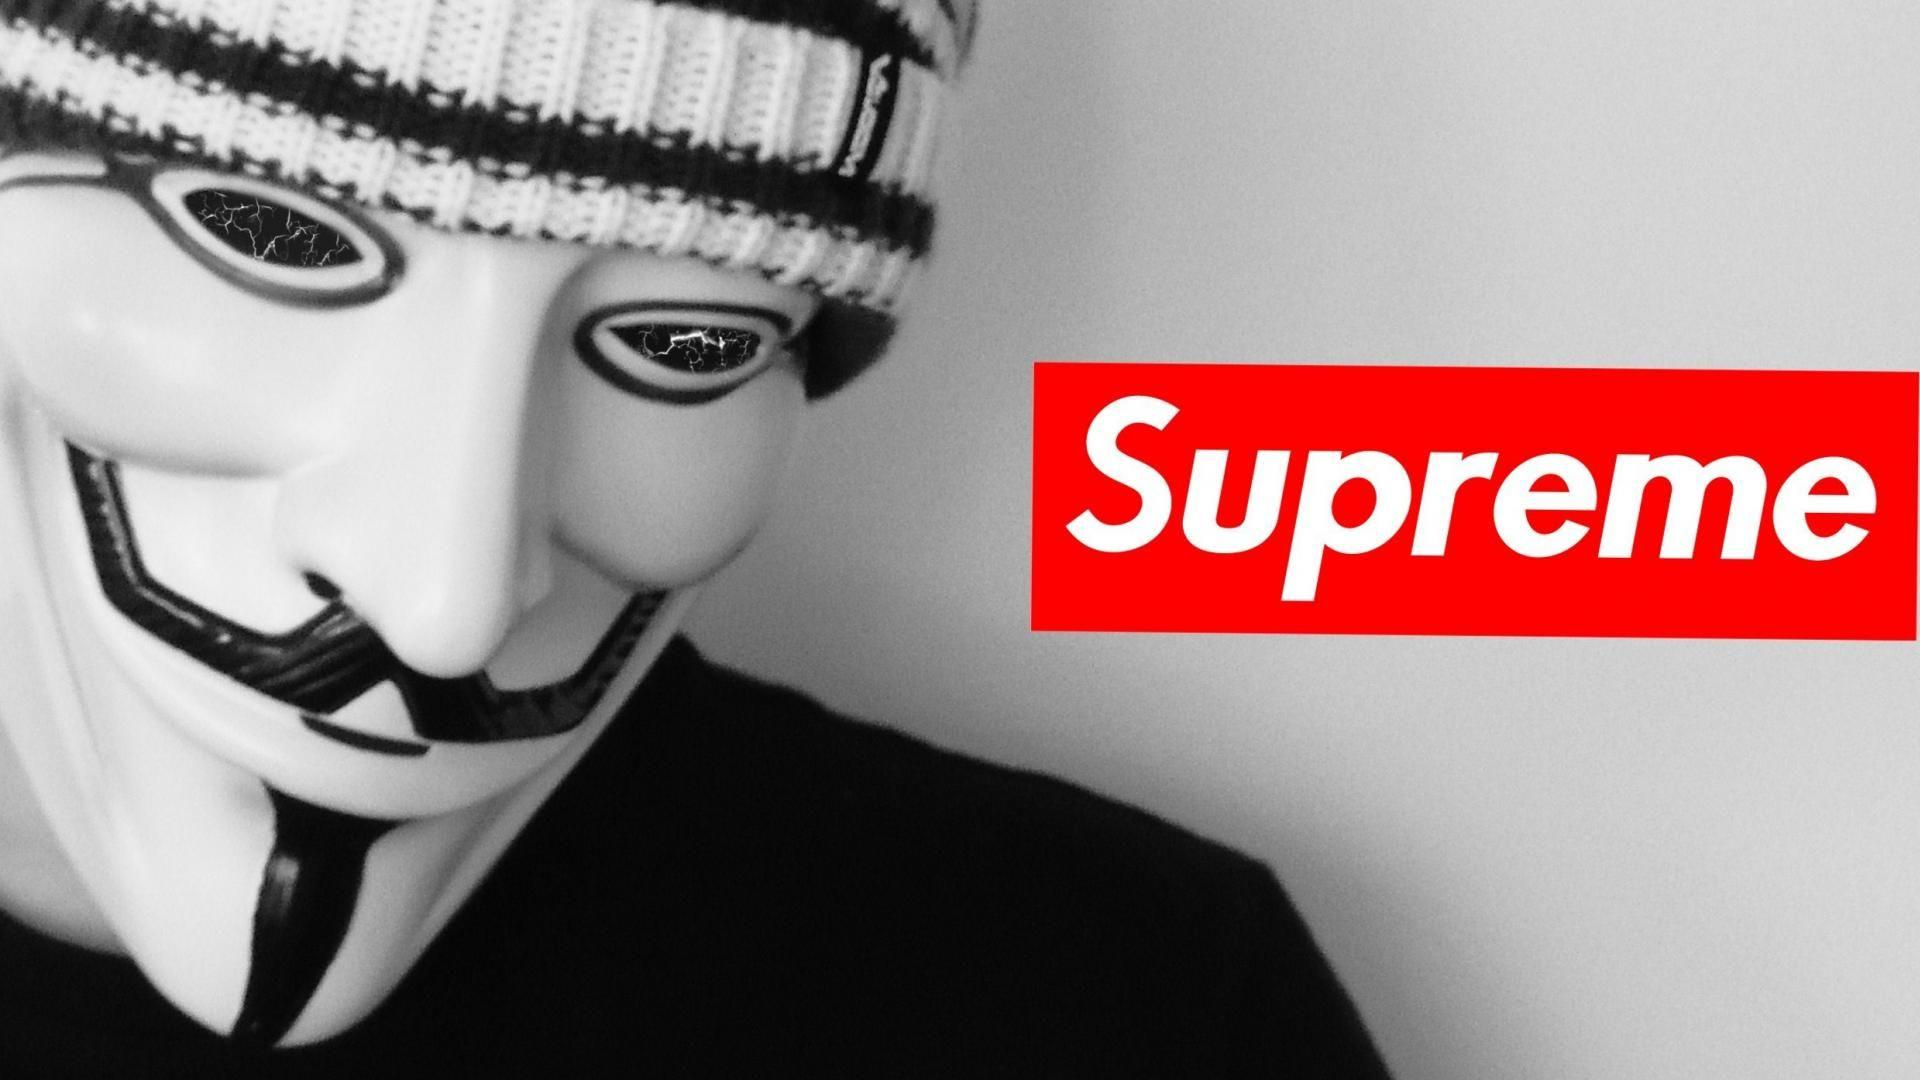 supreme wallpaper hd